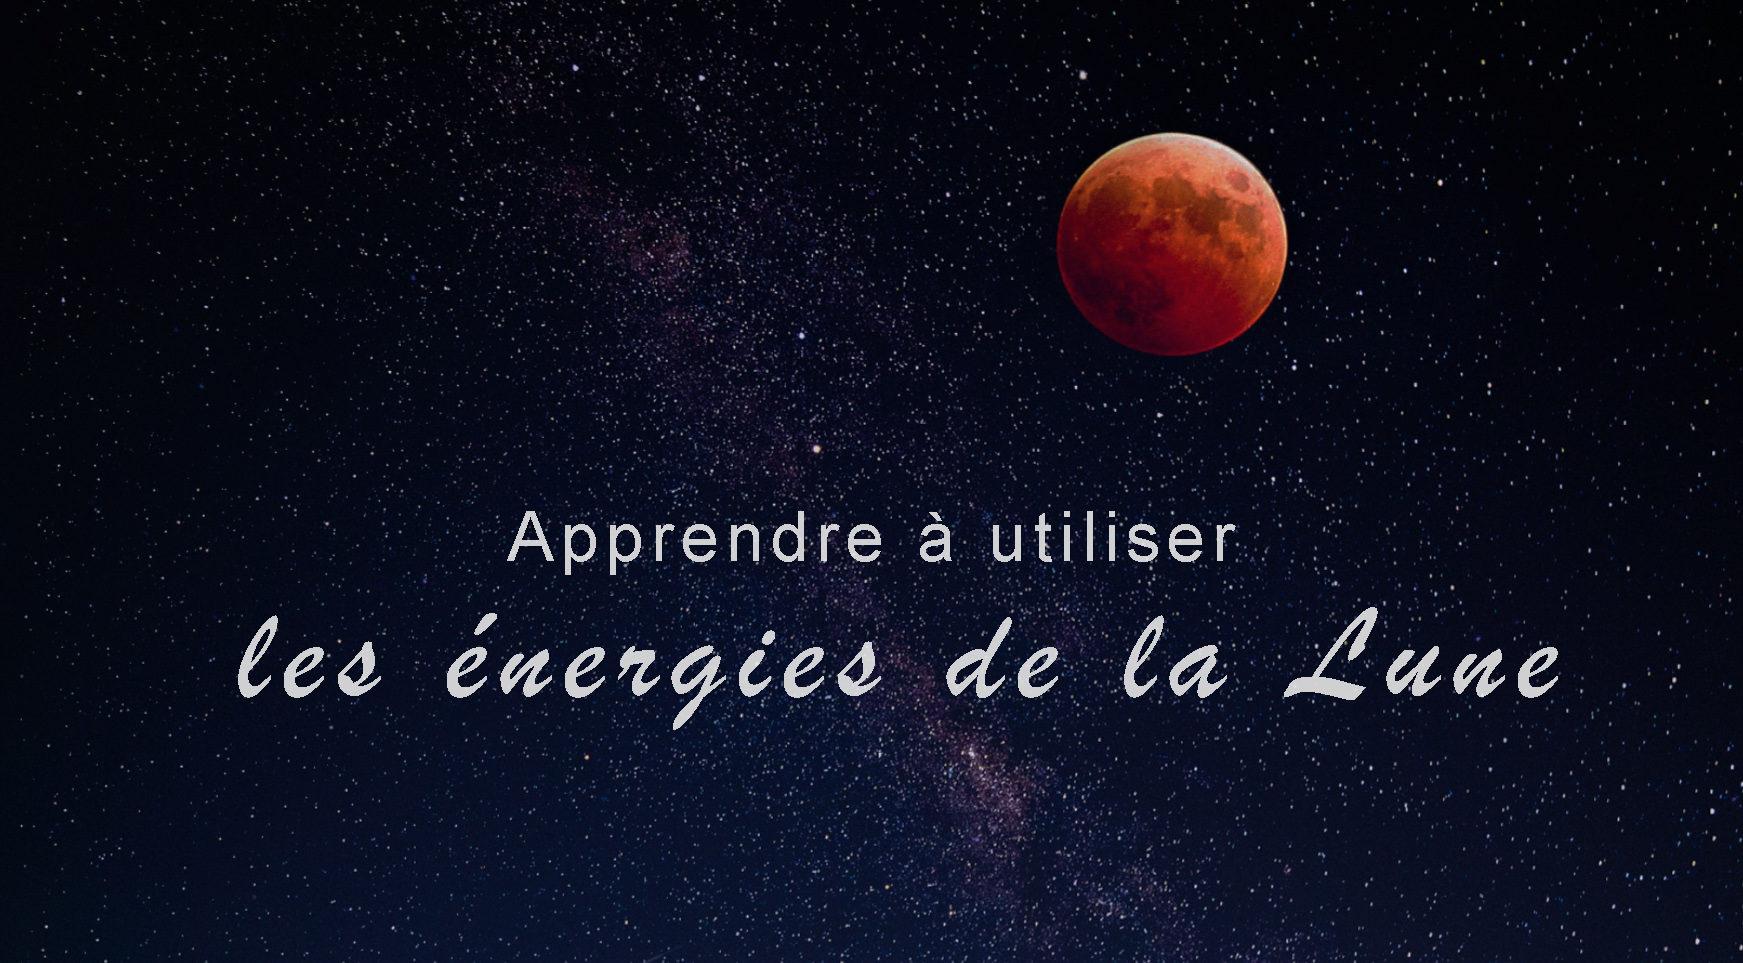 Image article : Les énergies de la Lune